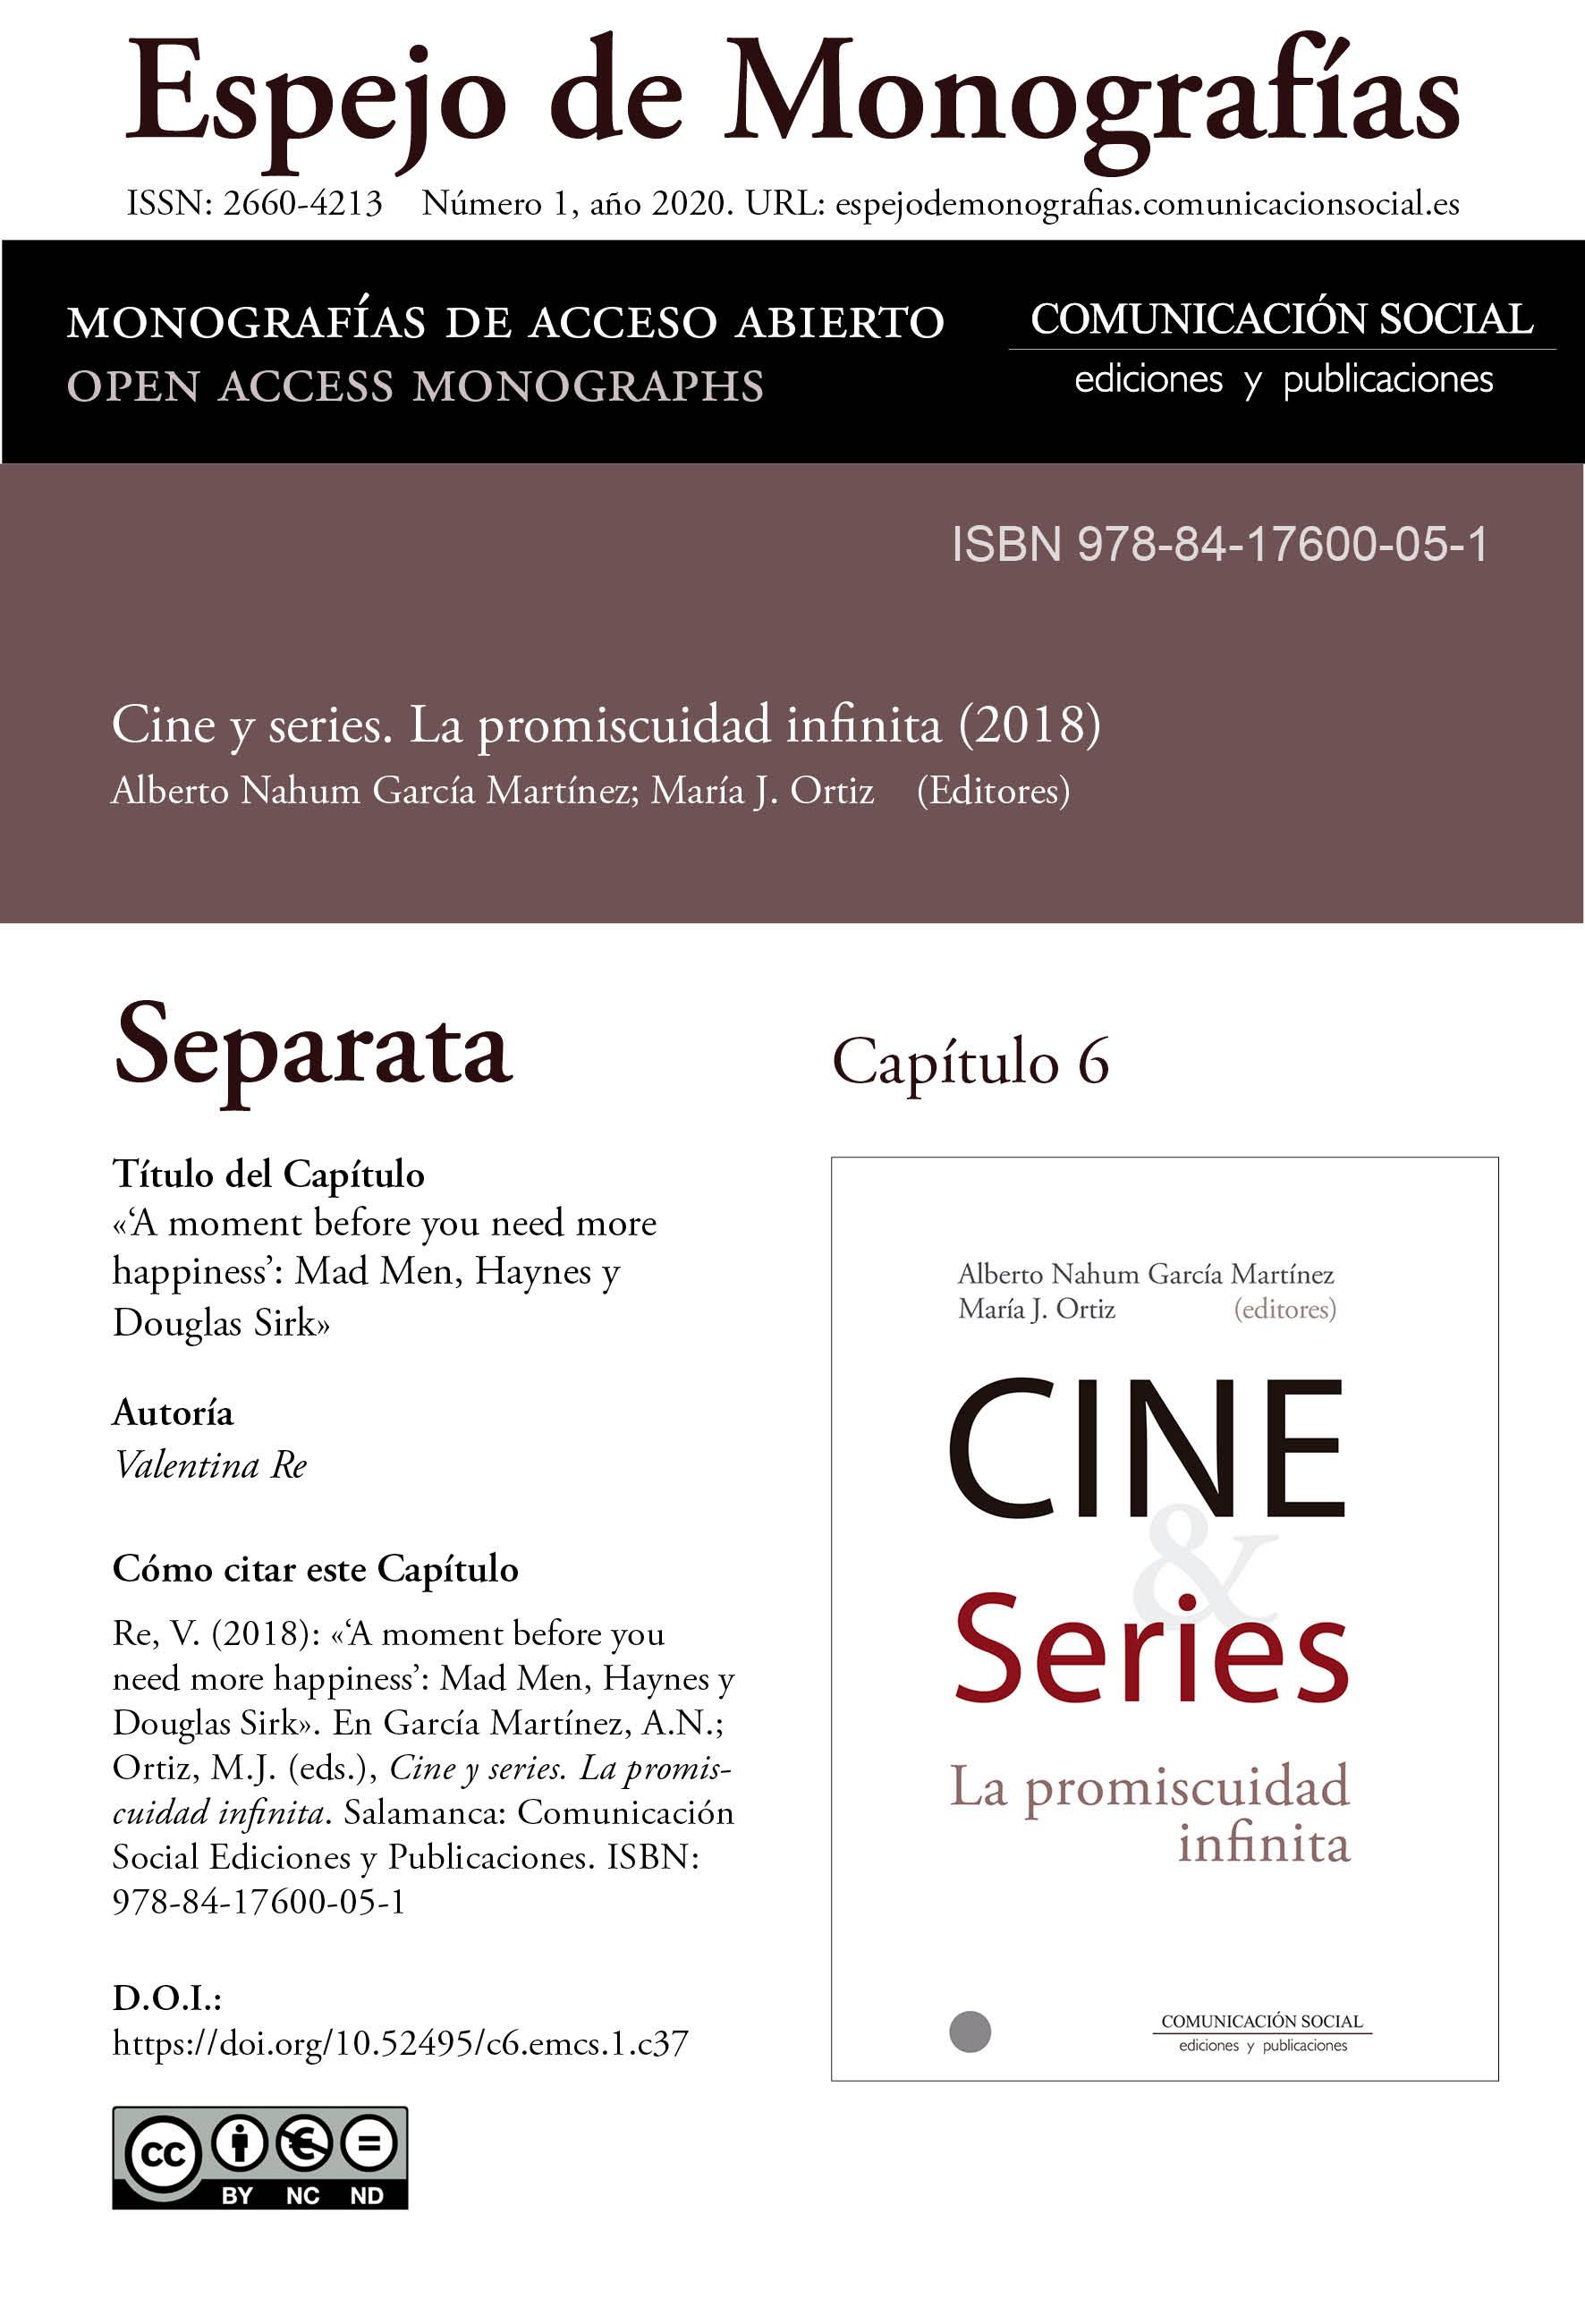 Separata del Capítulo 6 correspondiente a la monografía Cine y series: la promiscuidad infinita